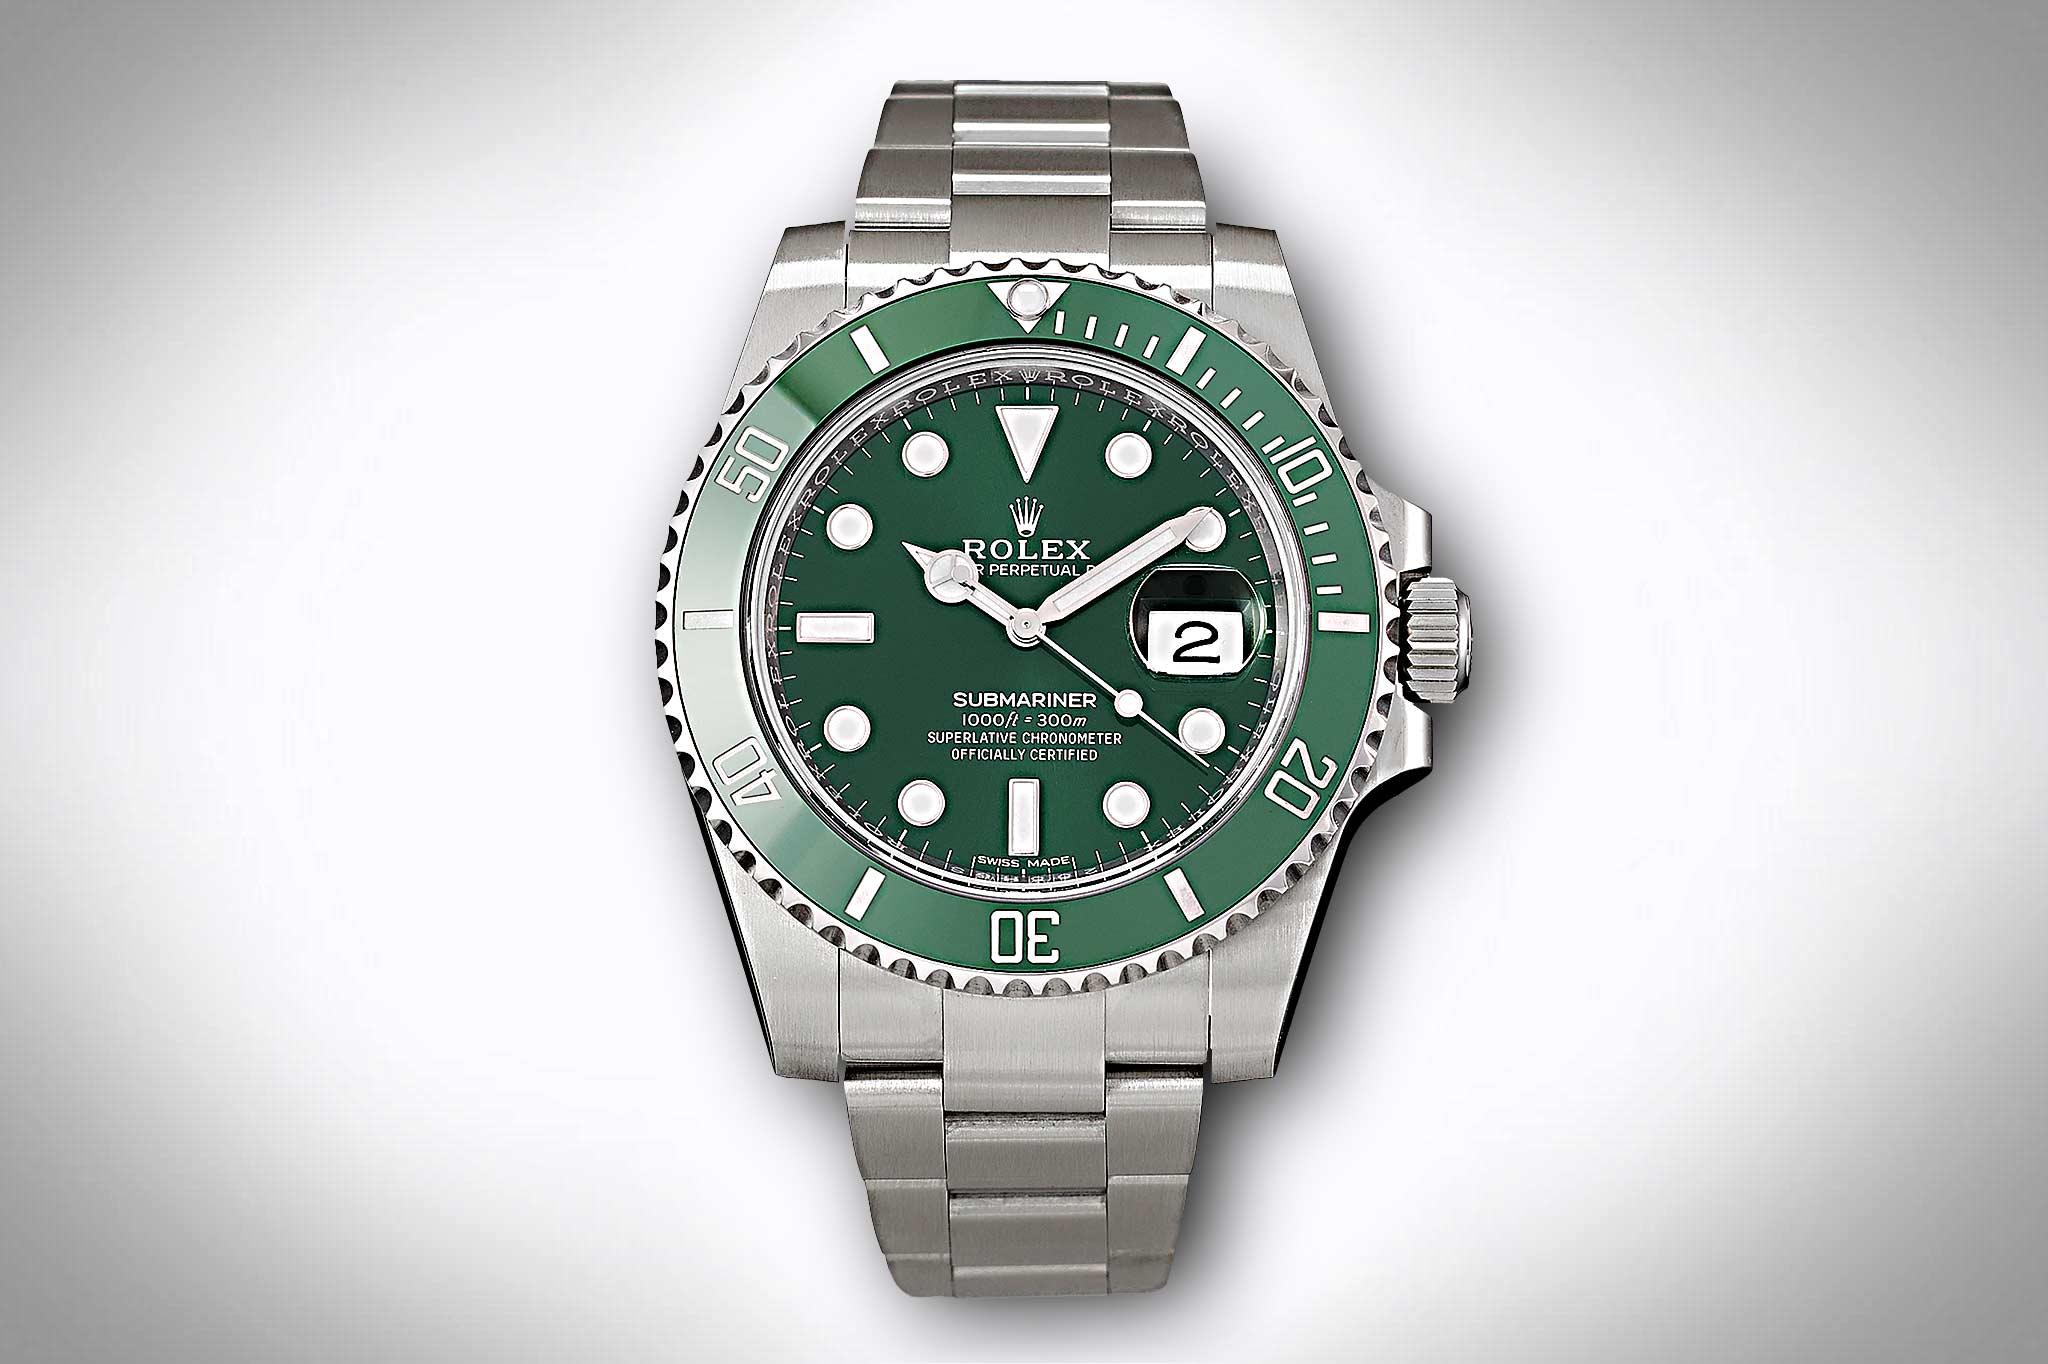 Rolex Submariner 116610LV mit grünem Zifferblatt